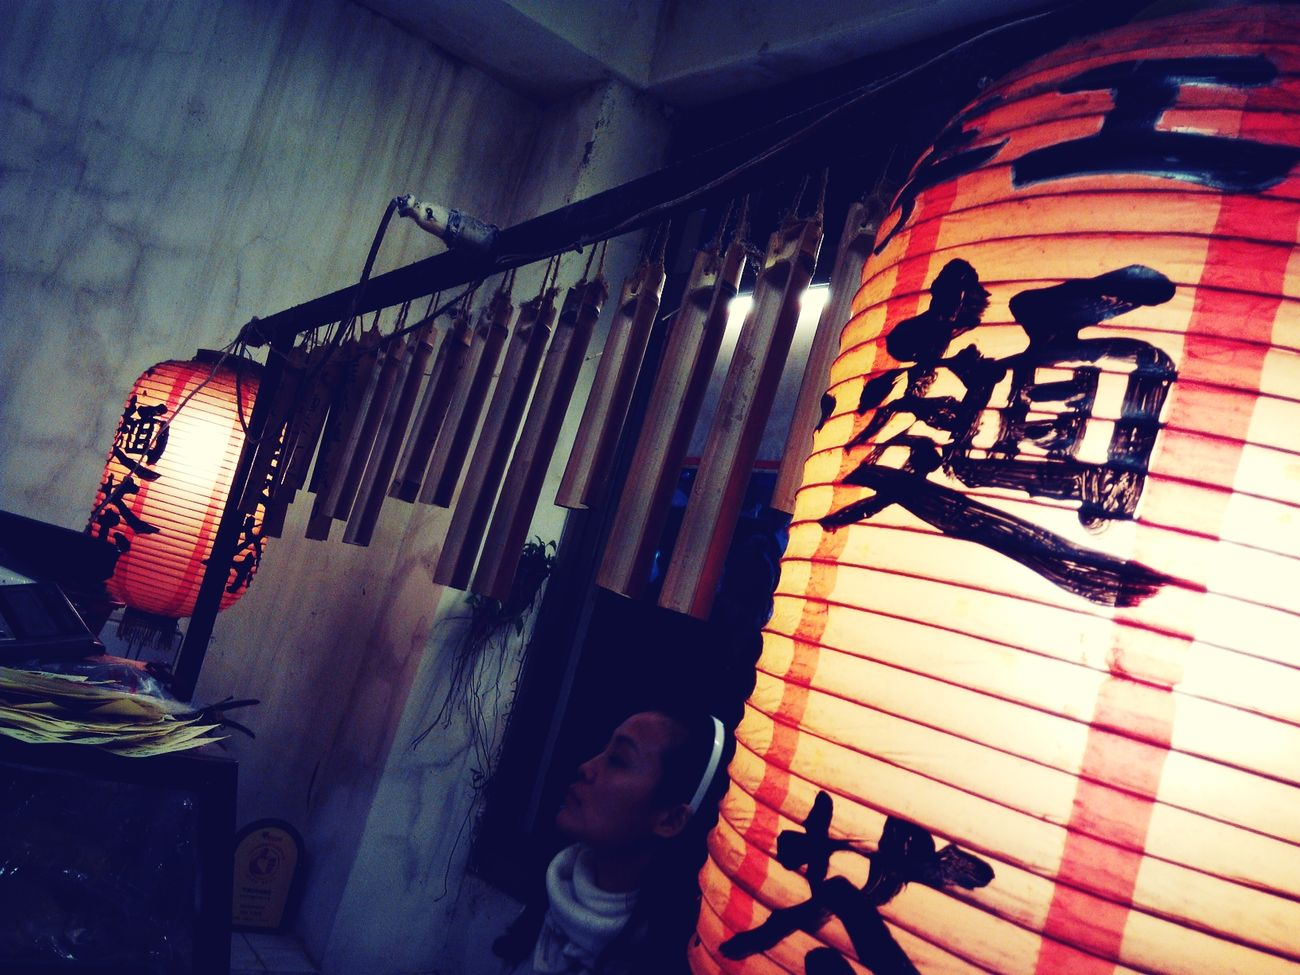 平溪老街 Ping Shi Rd Drinks